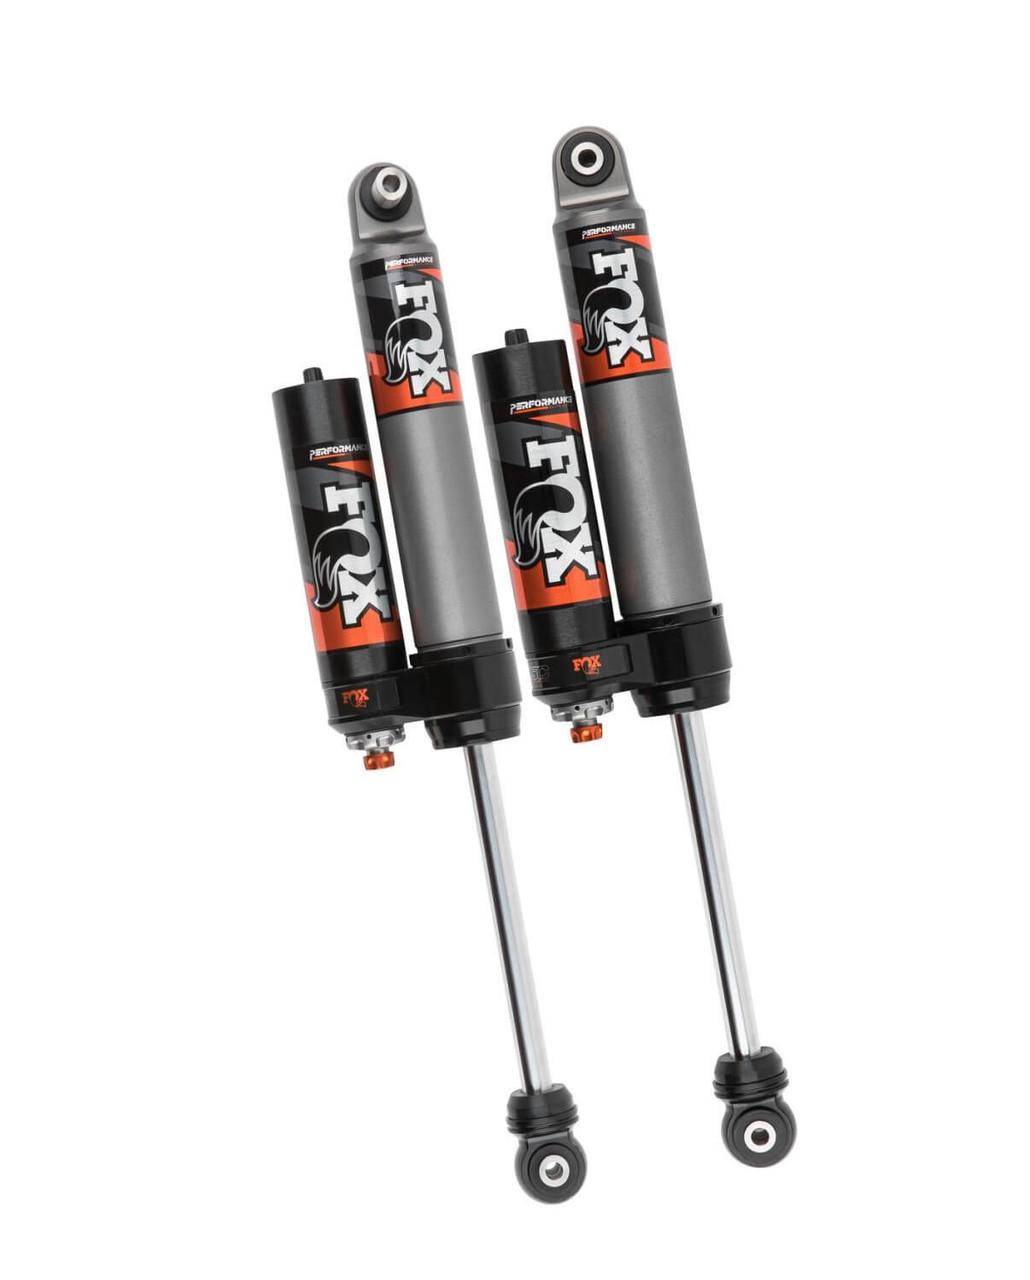 """Fox 2.5 Rear Reservoir Adjustable Shocks 2-3"""" For Jeep Wrangler JL - 883-26-054"""